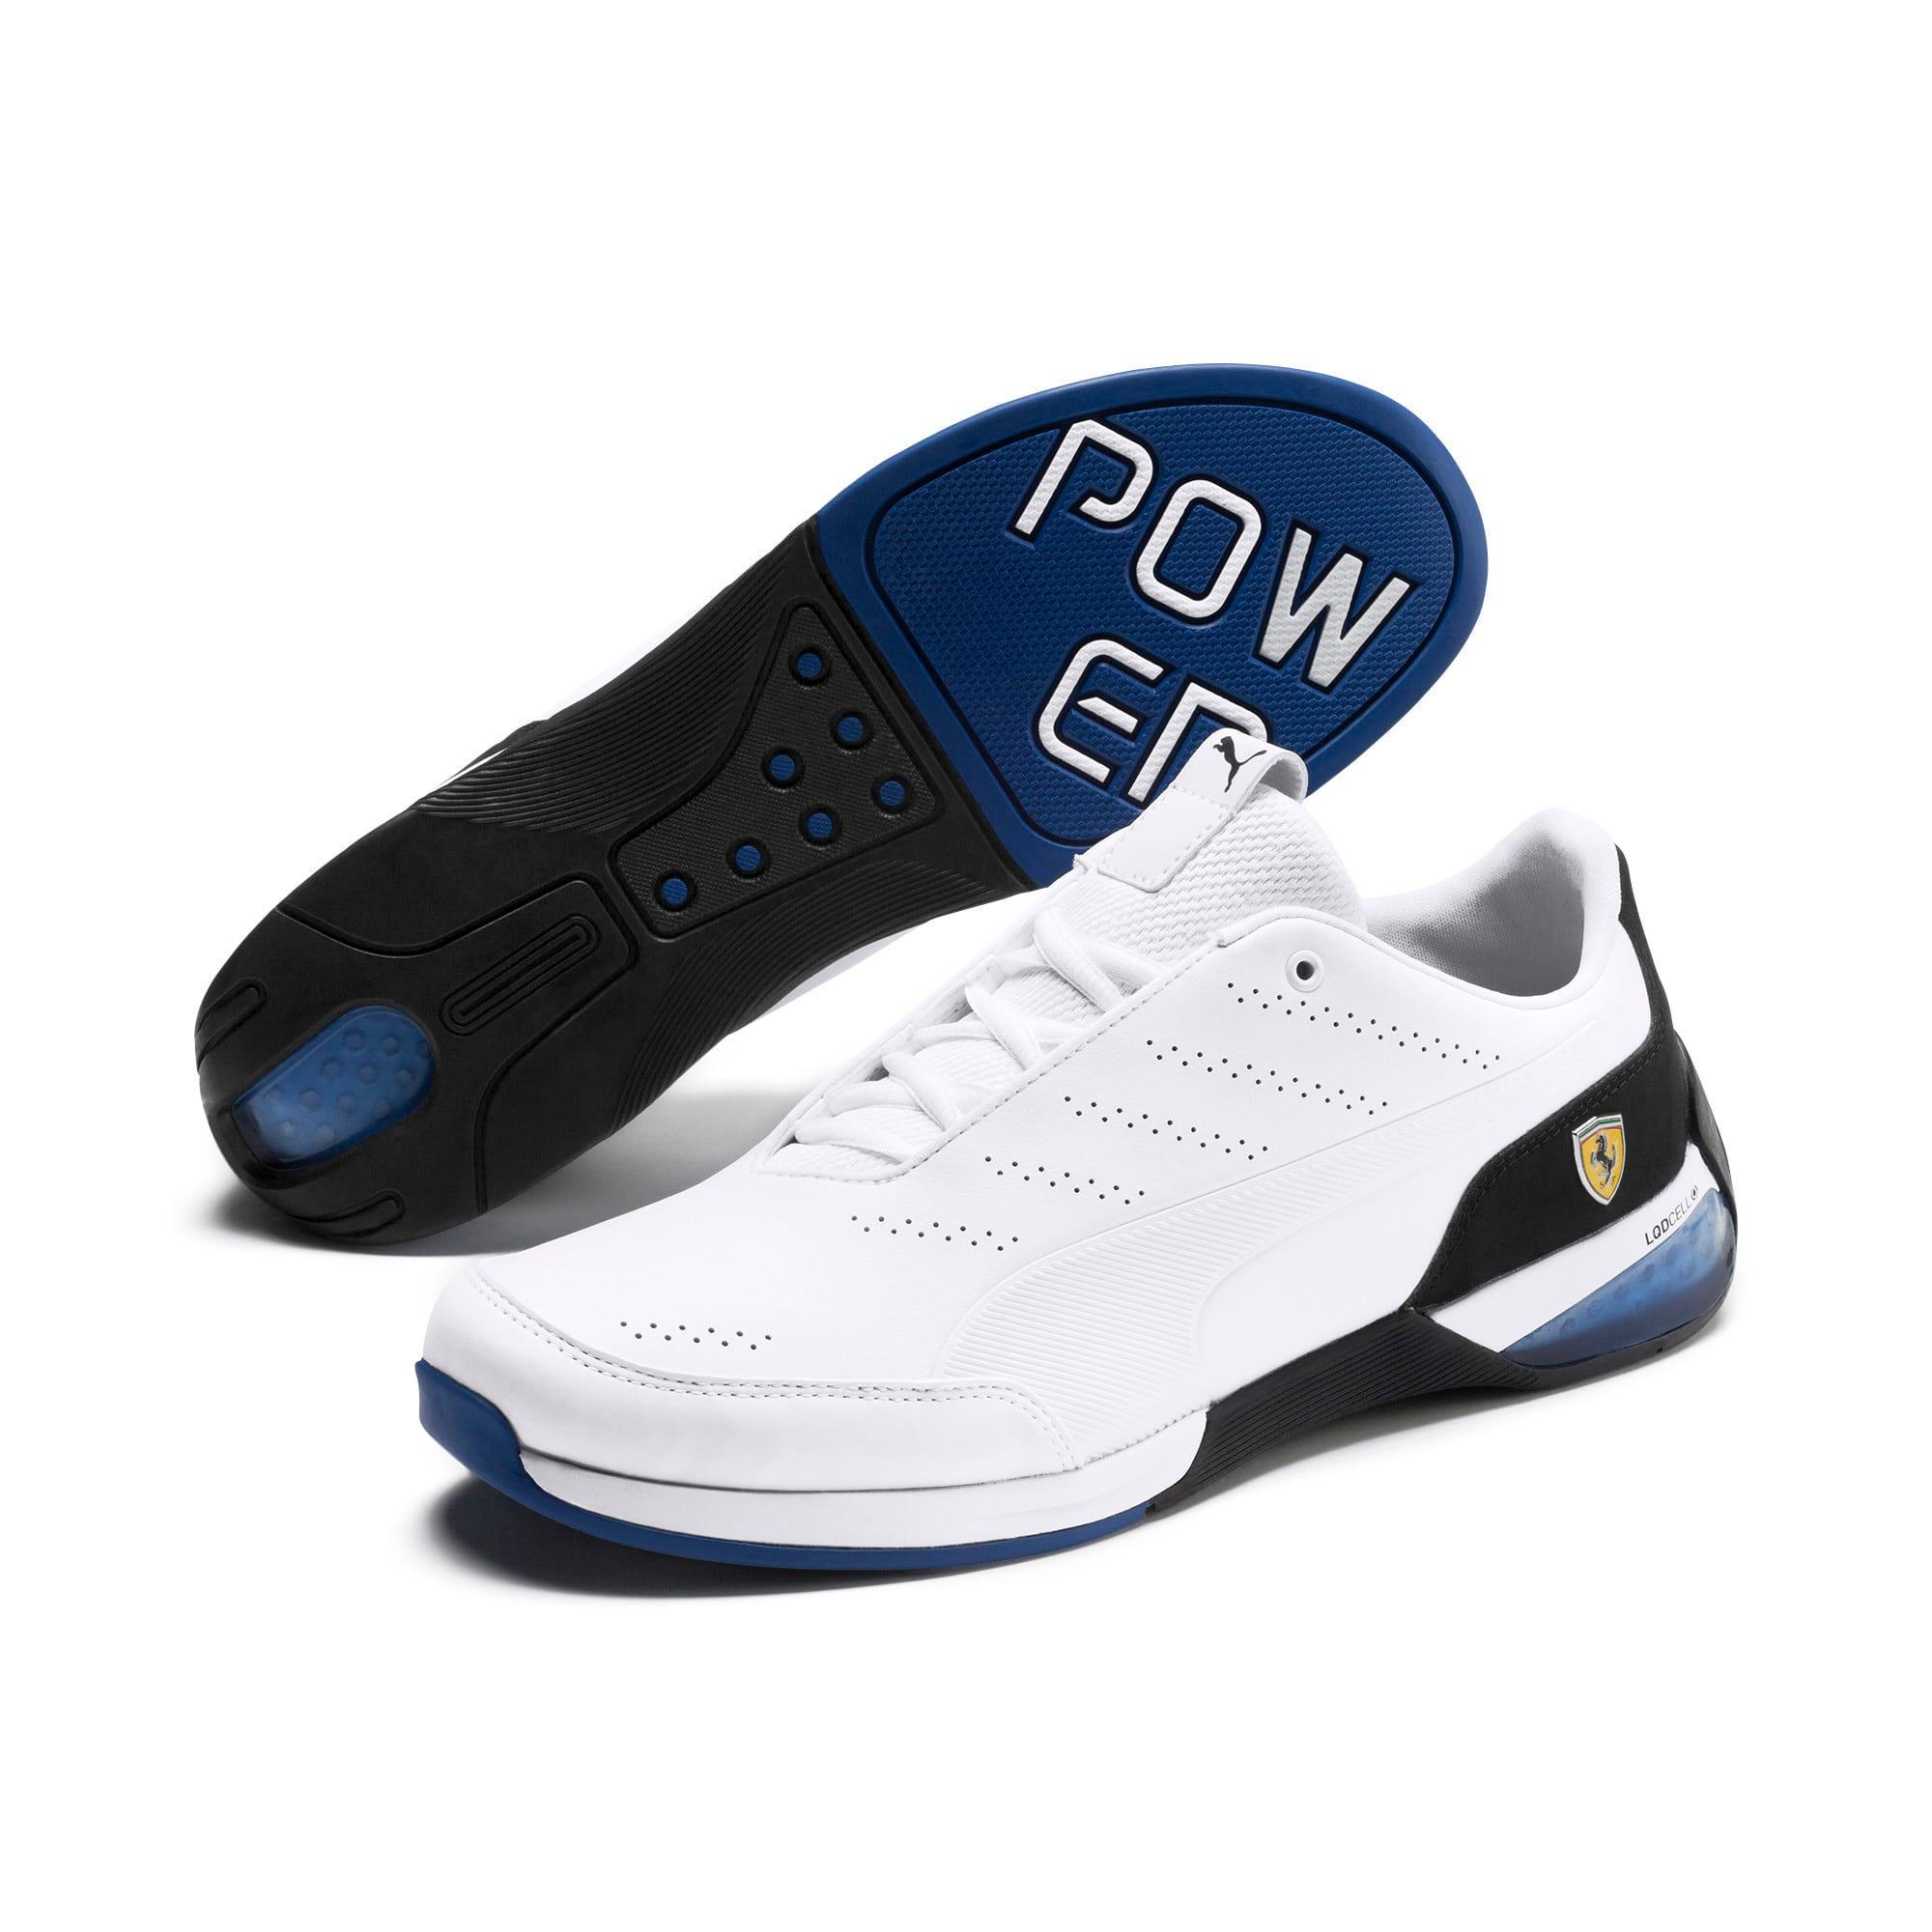 Miniatura 3 de Zapatos de entrenamiento Scuderia Ferrari Kart Cat X, Puma White-Puma Black, mediano